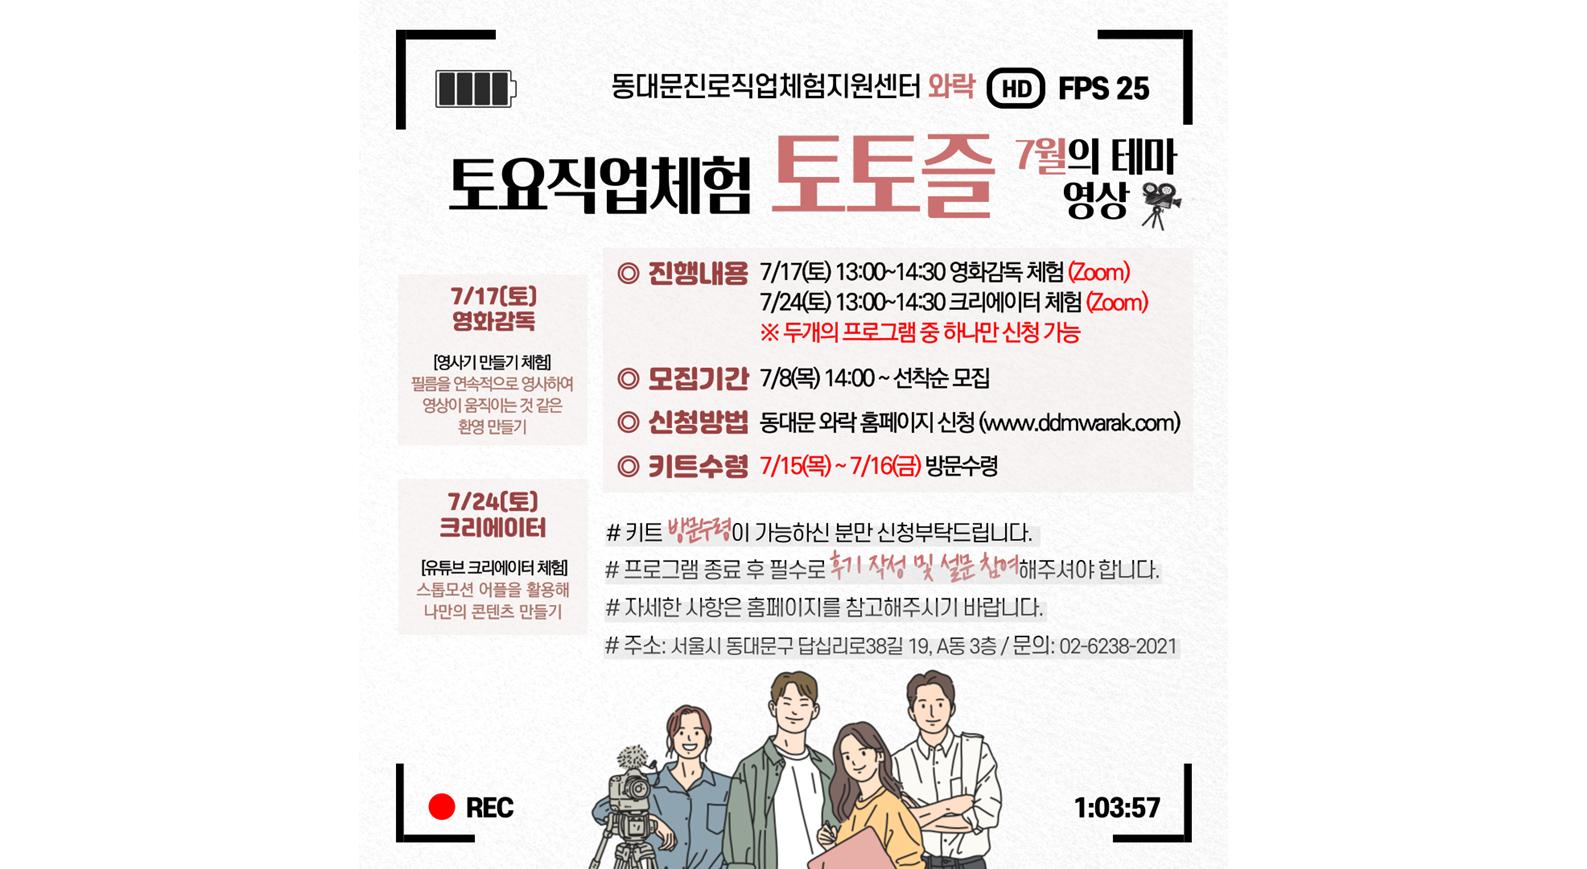 [종료] 7월 토토즐 - 영화감독&크리에이터 (중복신청불가)